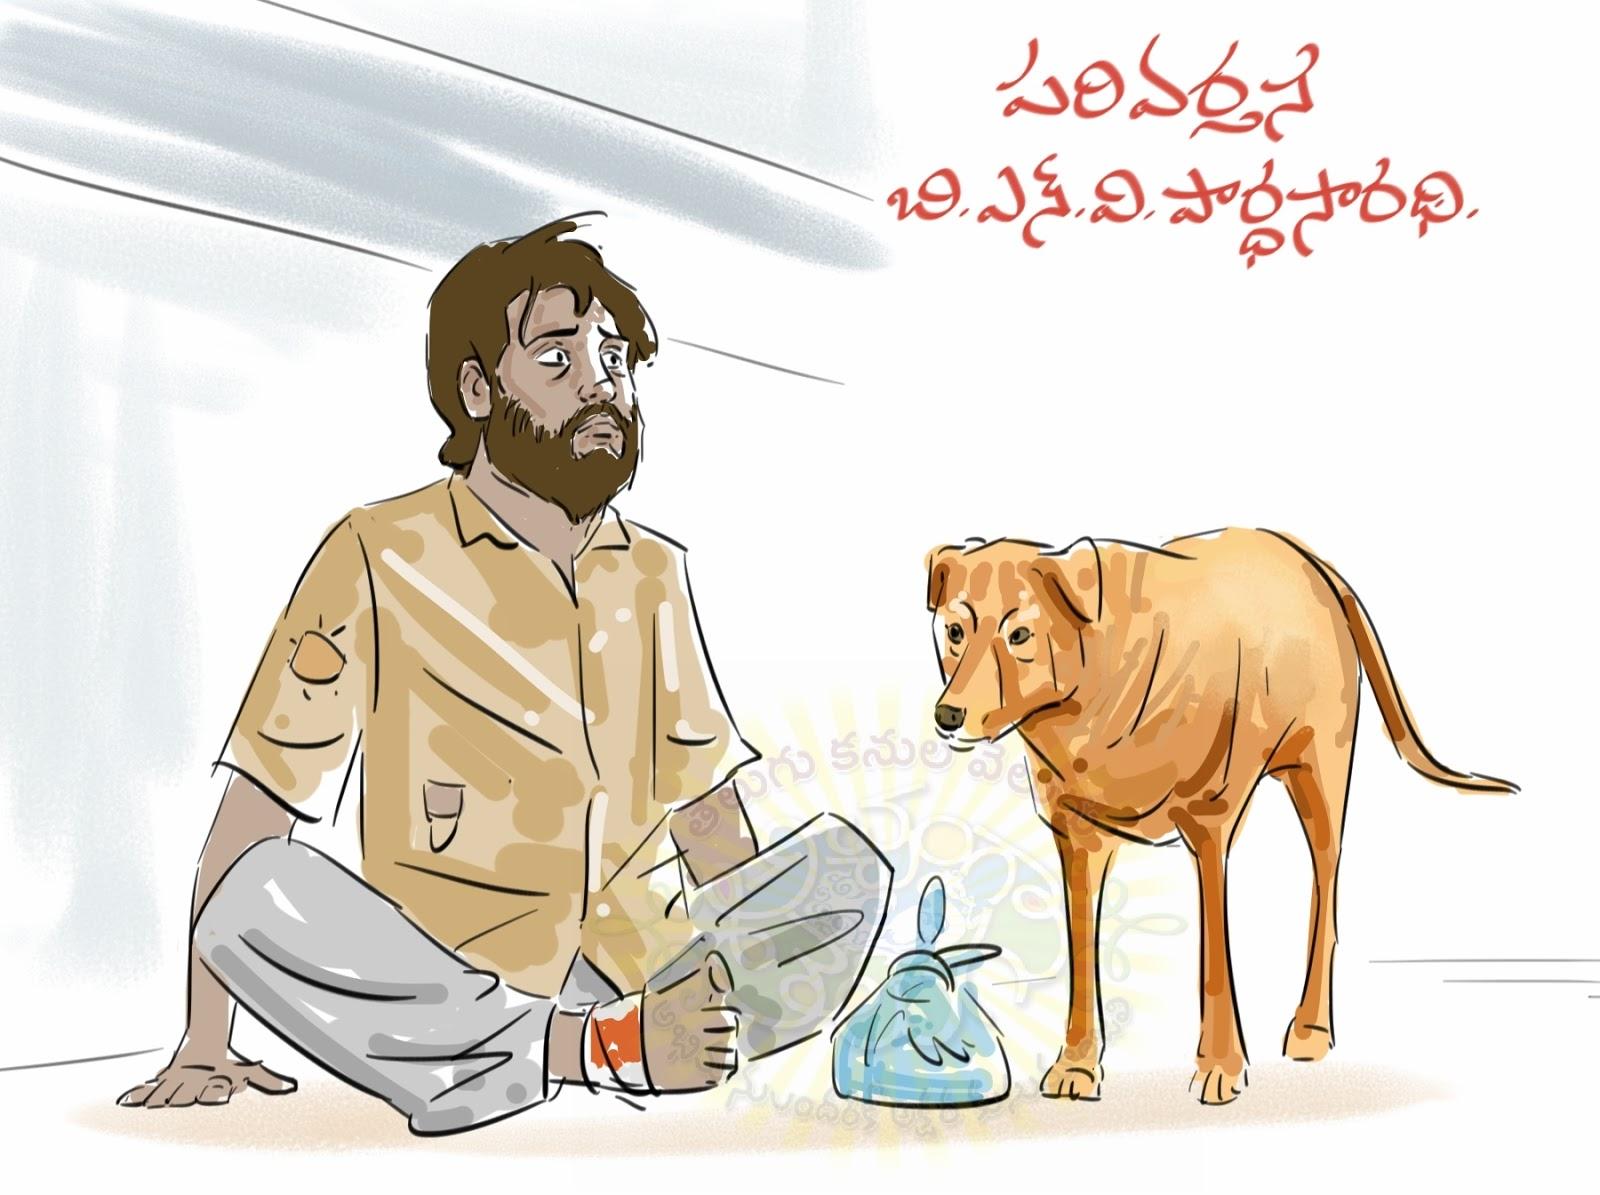 పరివర్తన కథాకదంబం, బి.ఎన్.వి.పార్థసారథి